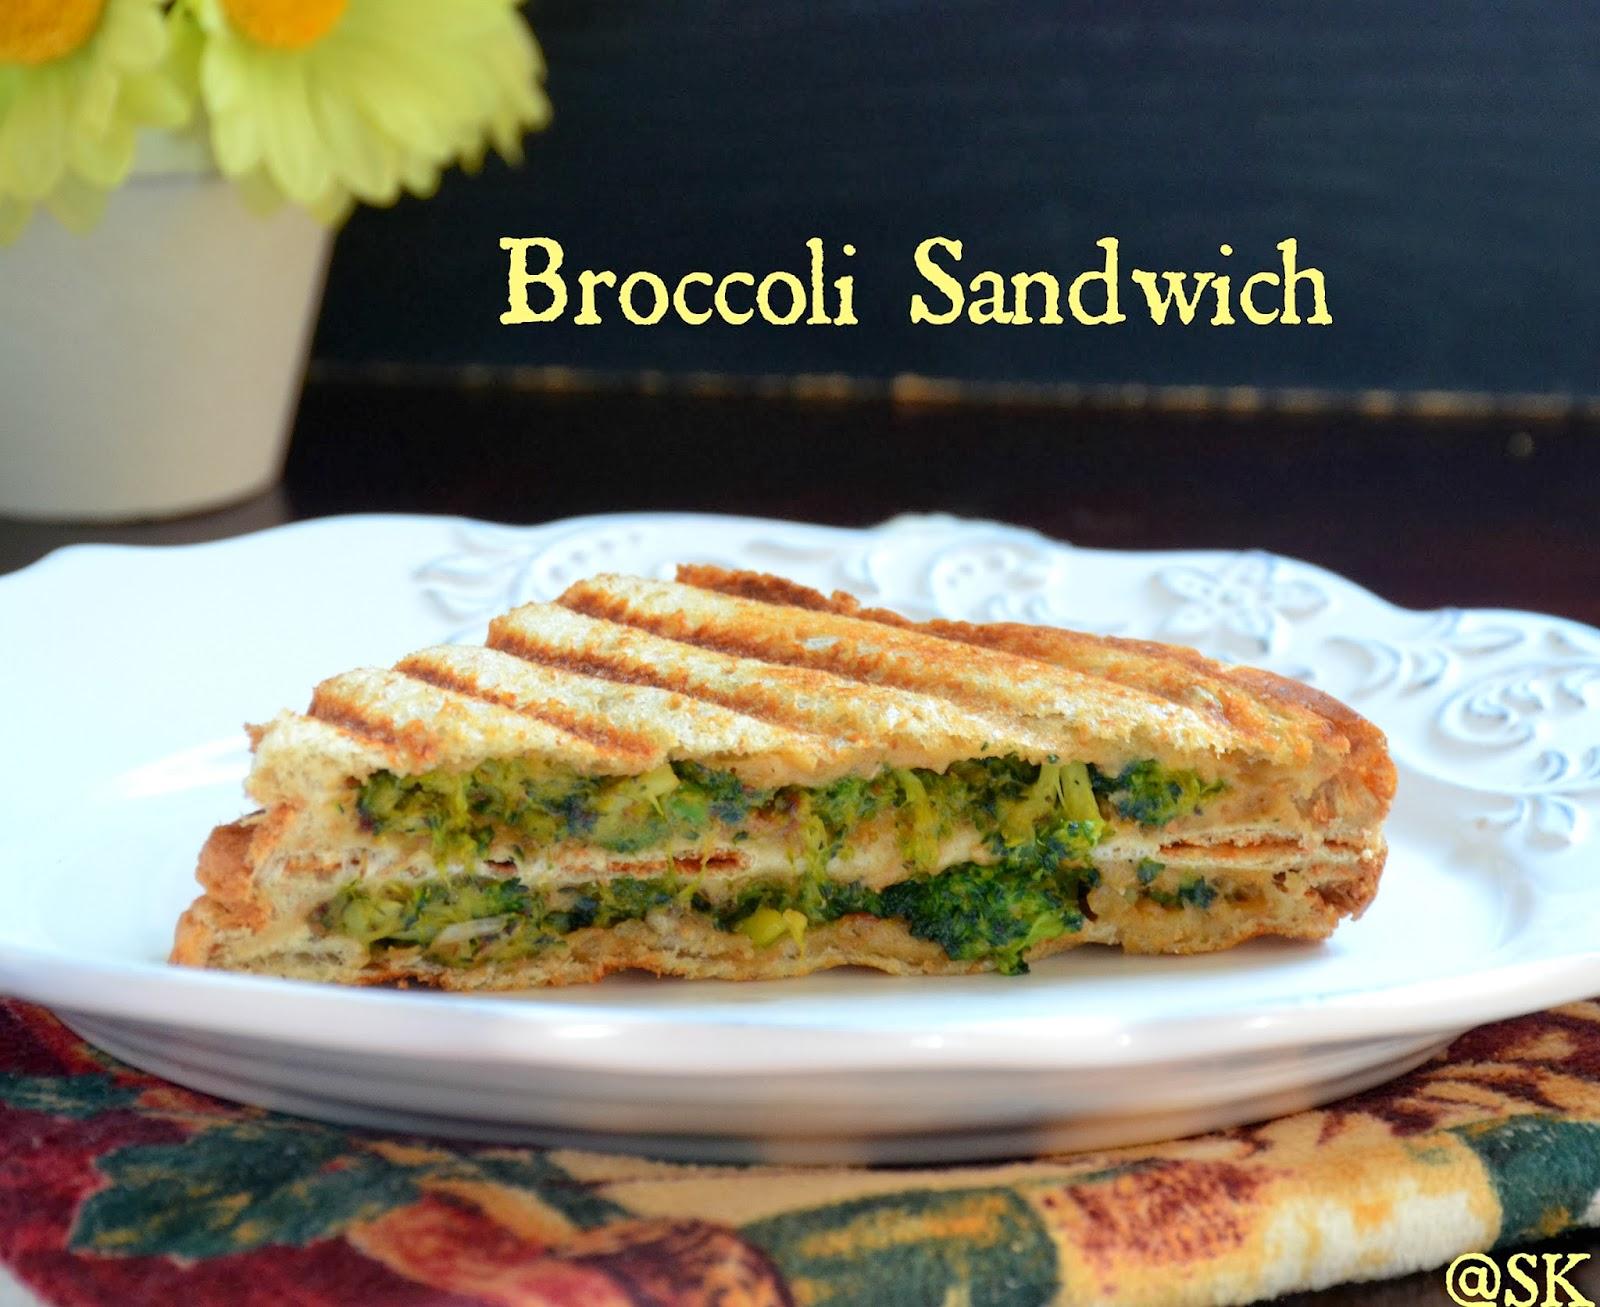 Savithas kitchen broccoli sandwich iron rich breakfast for kids broccoli sandwich iron rich breakfast for kids step by step forumfinder Choice Image